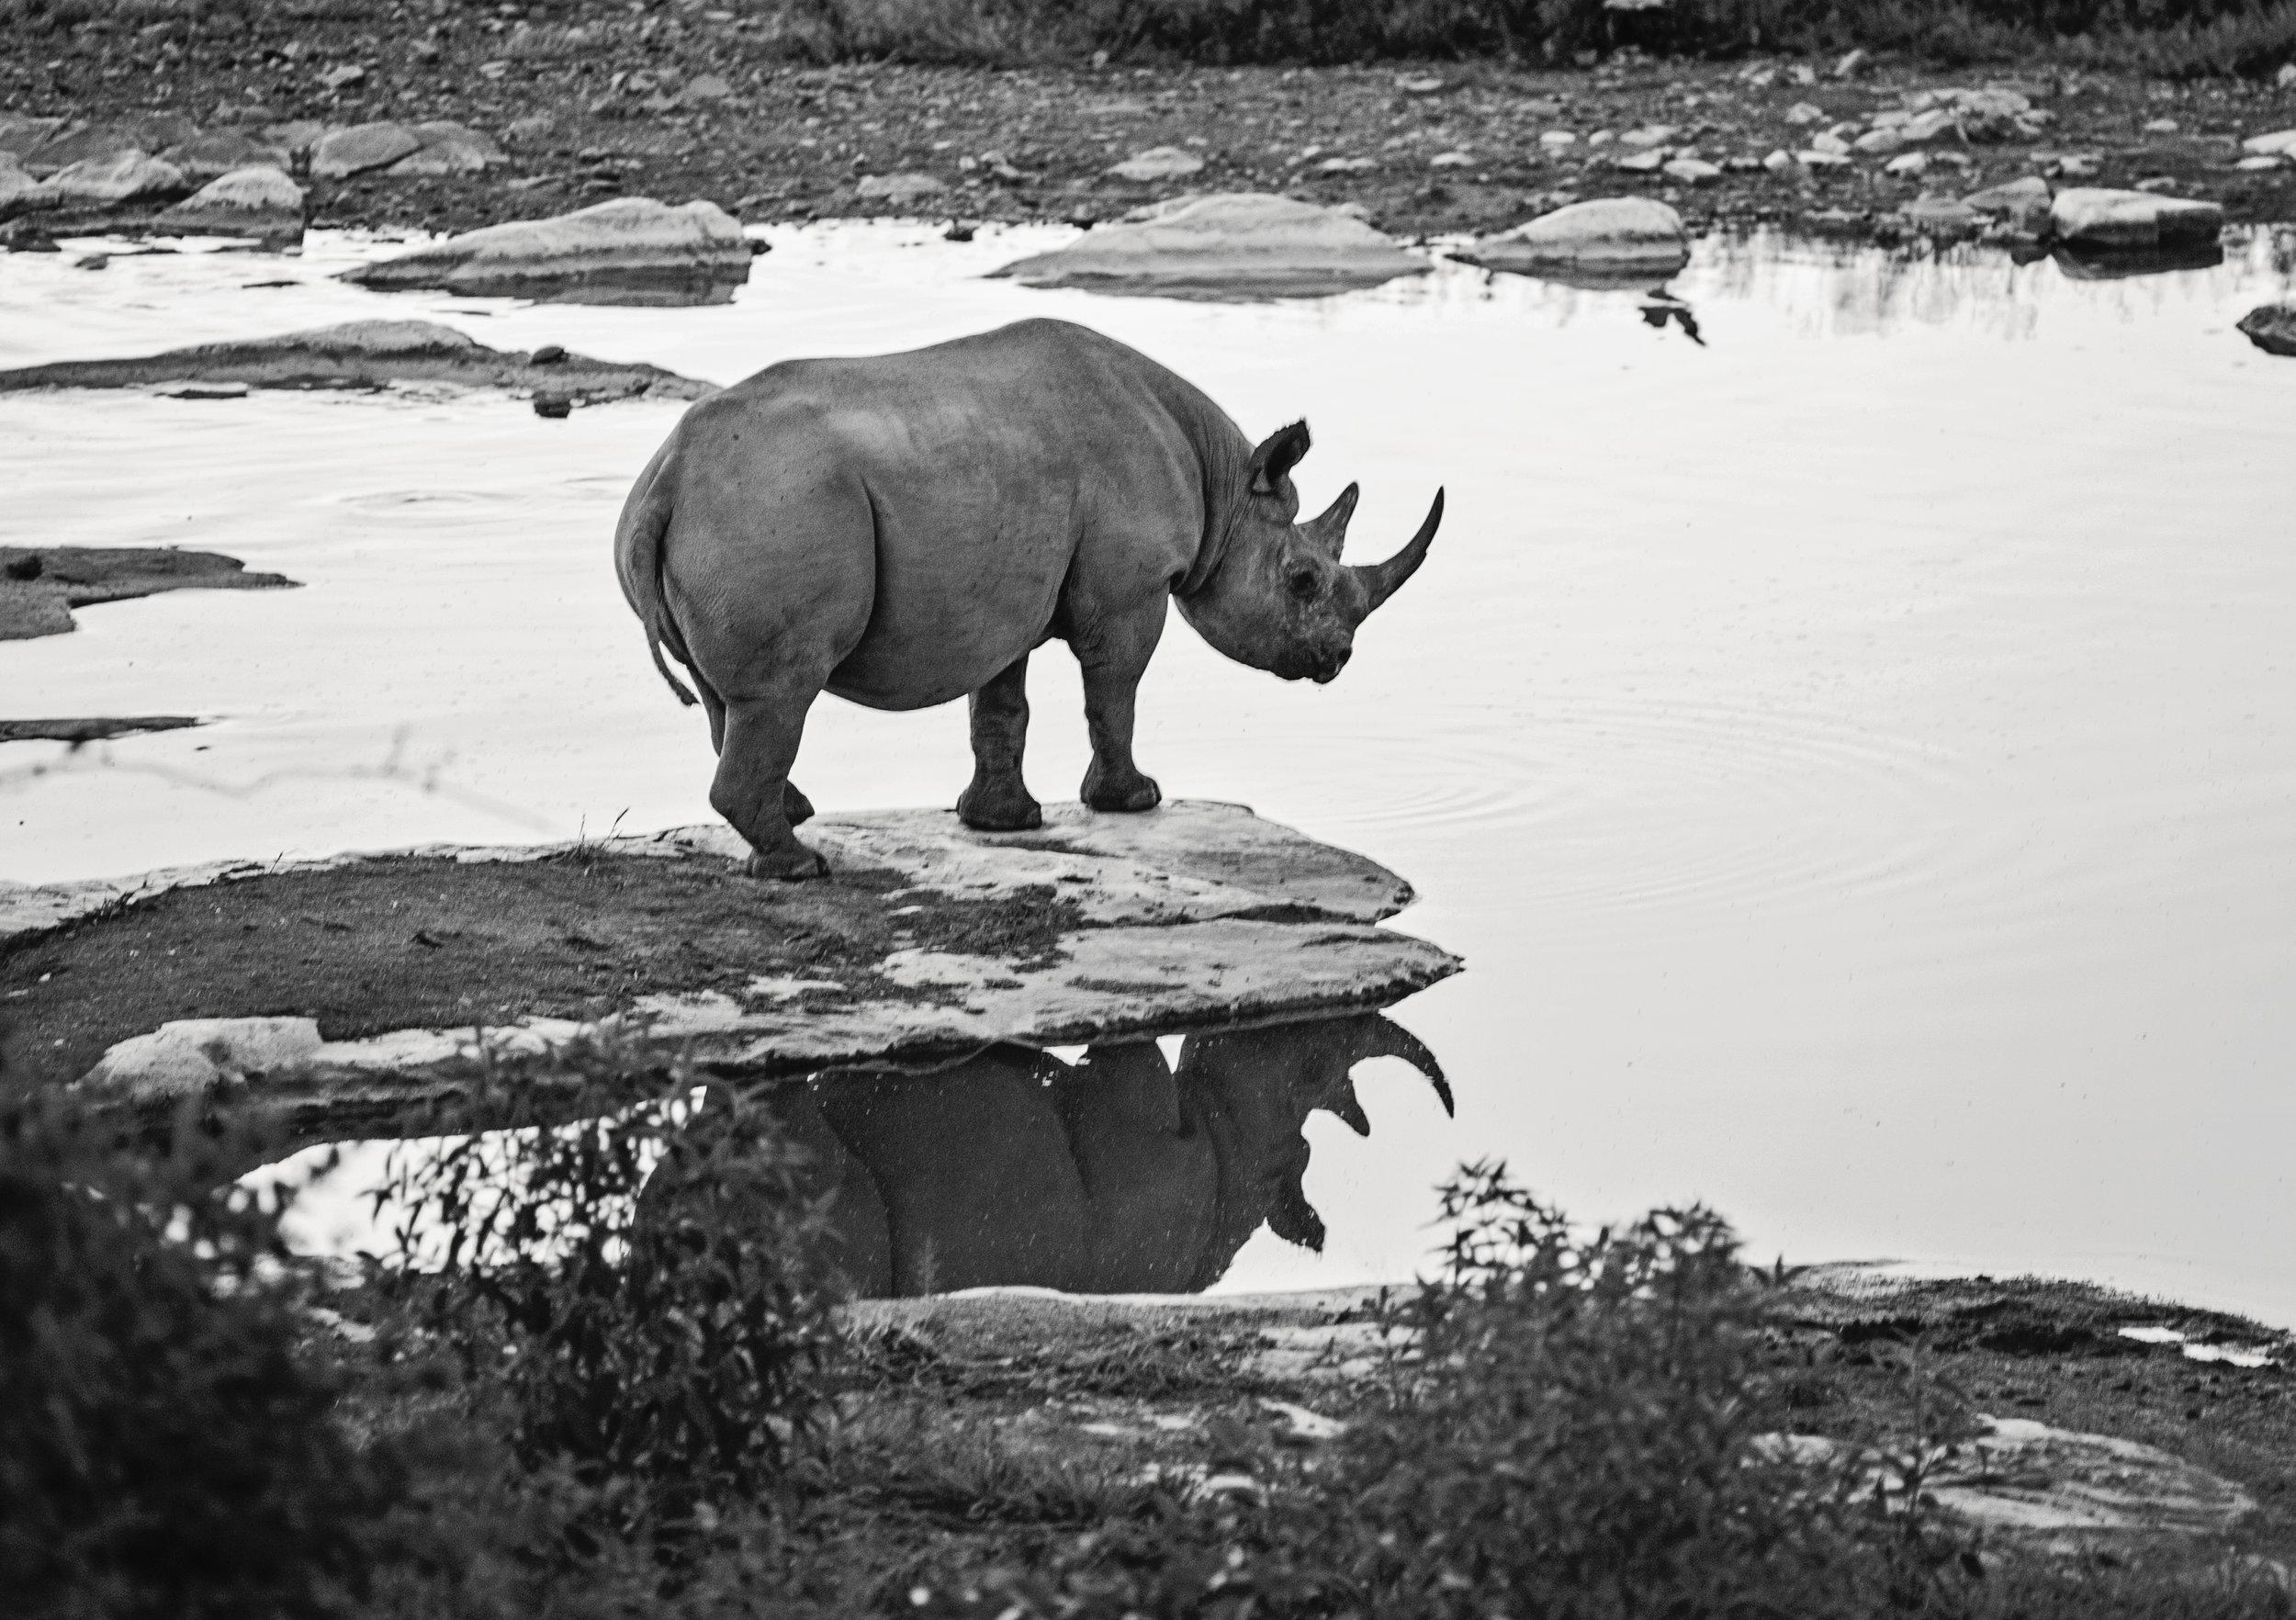 An endangered Rhino, Etosha National Park, Namibia.